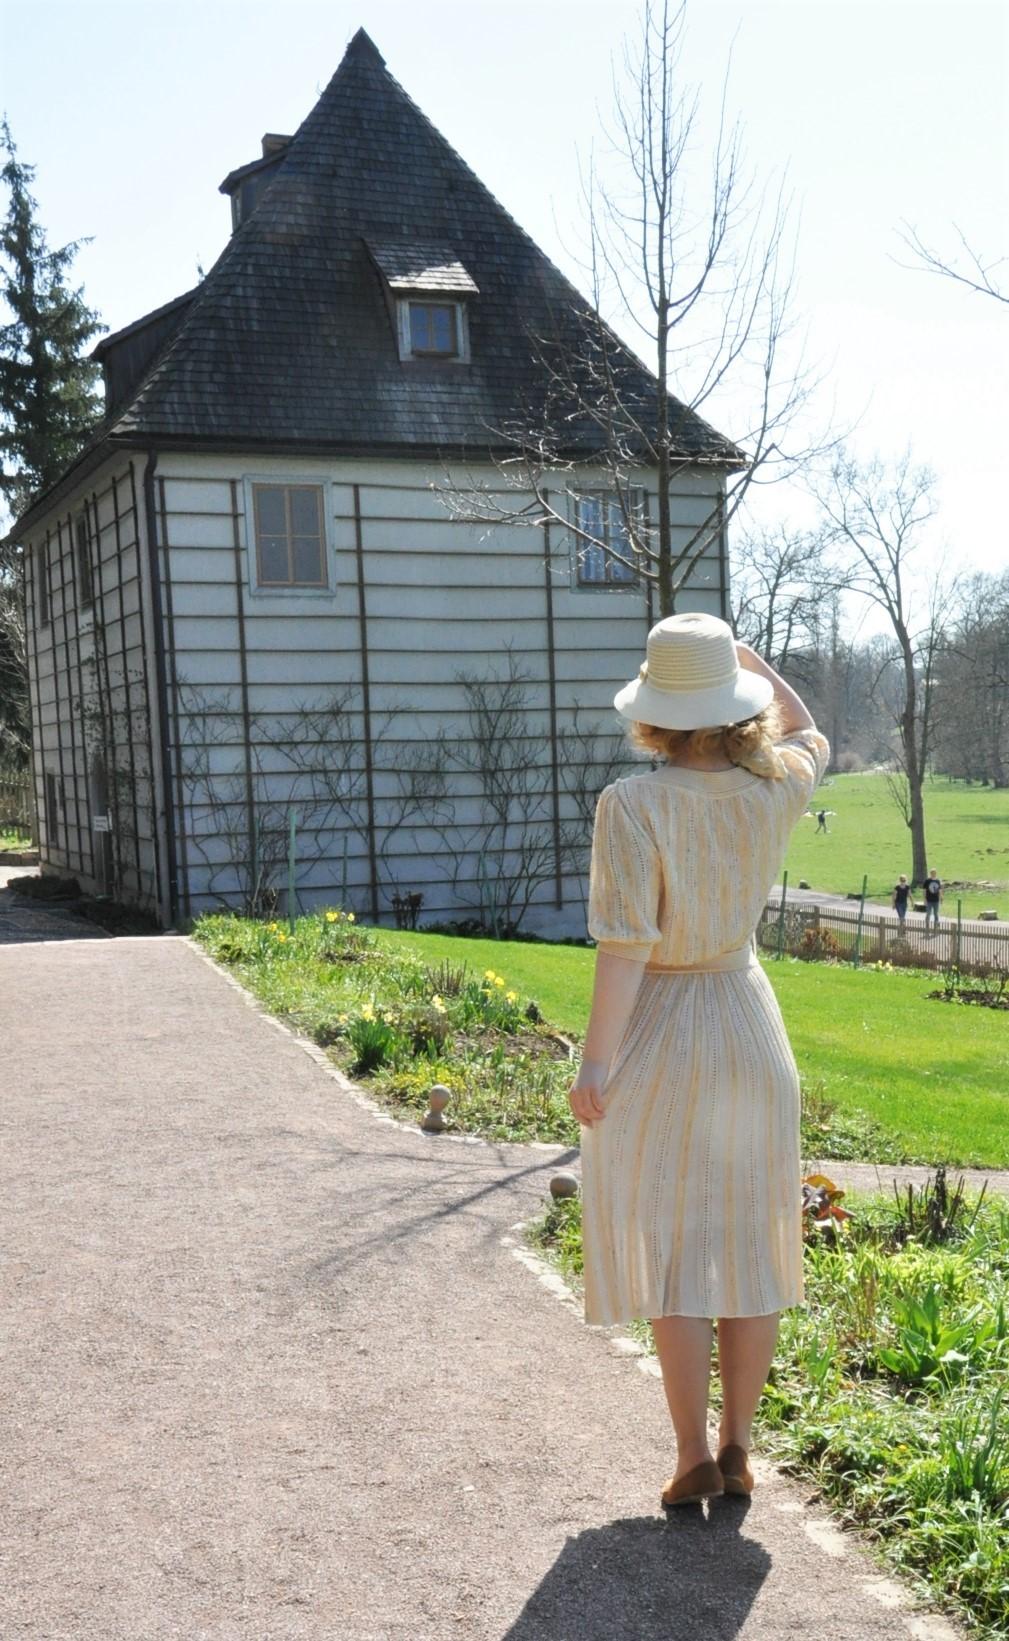 Goethes Gartenhaus Historischer Stadtrundgang durch Weimar - Duchess Anna Amalia Library - (2)